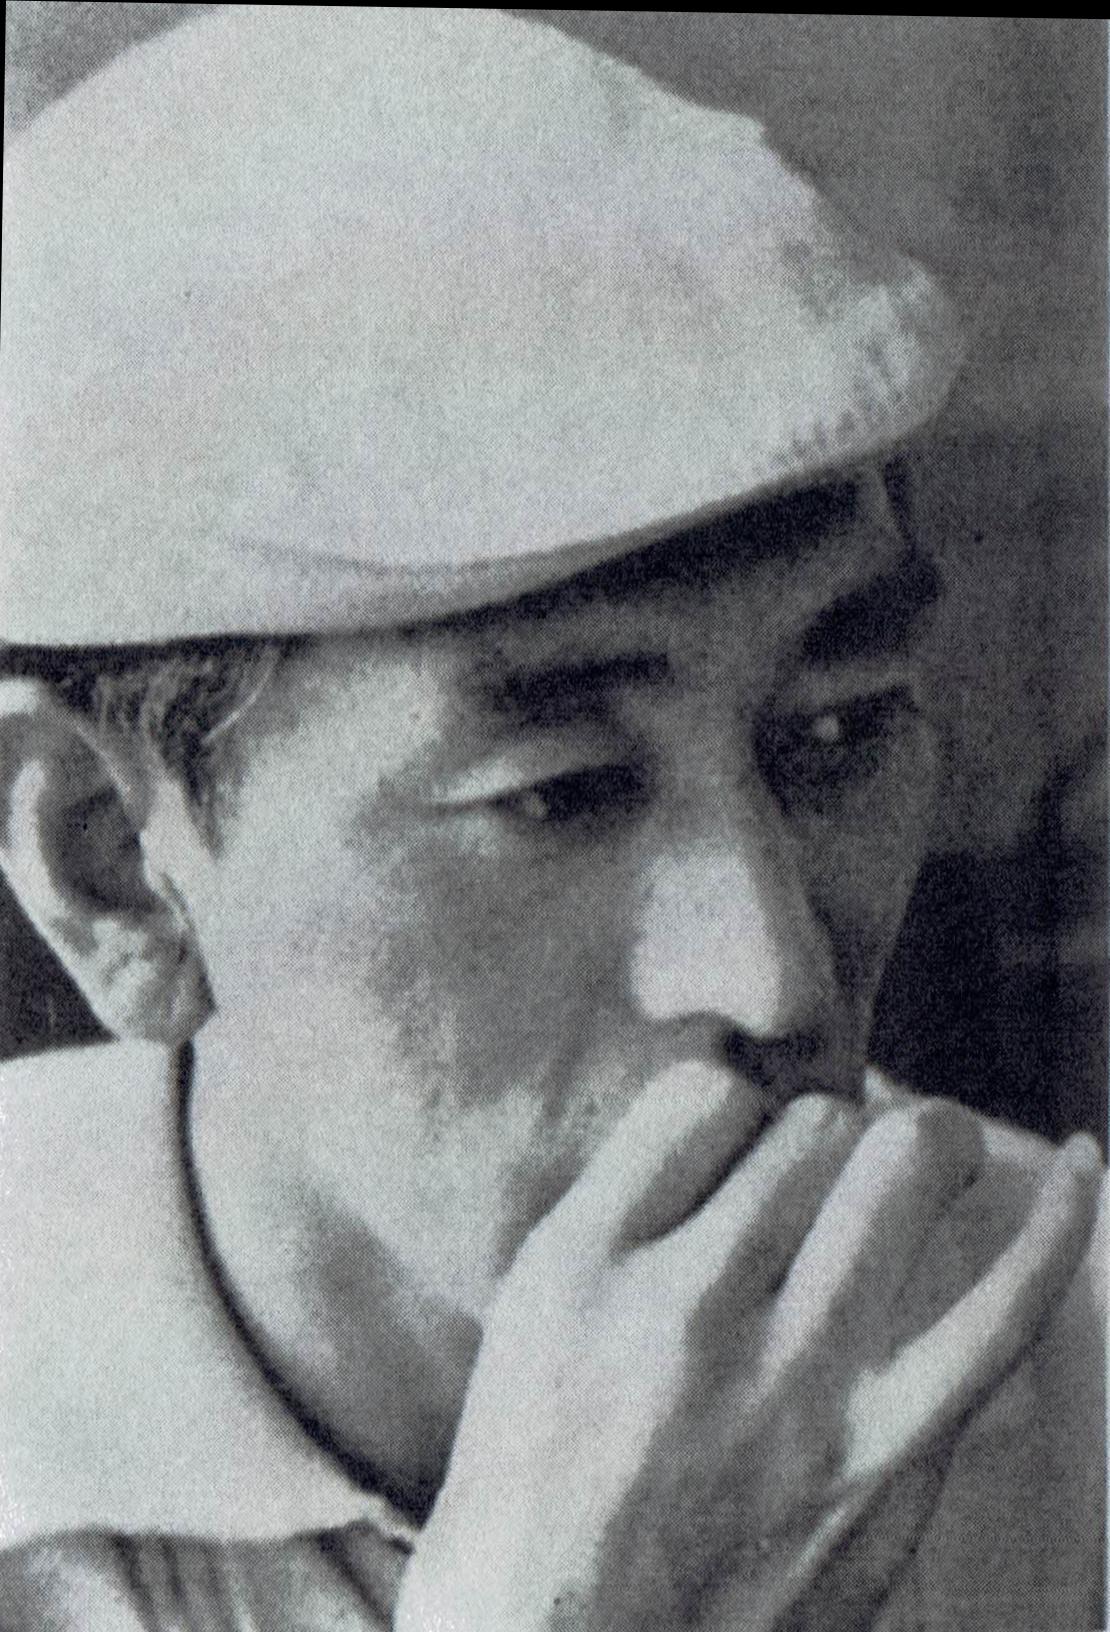 Photo Kenji Misumi via Opendata BNF